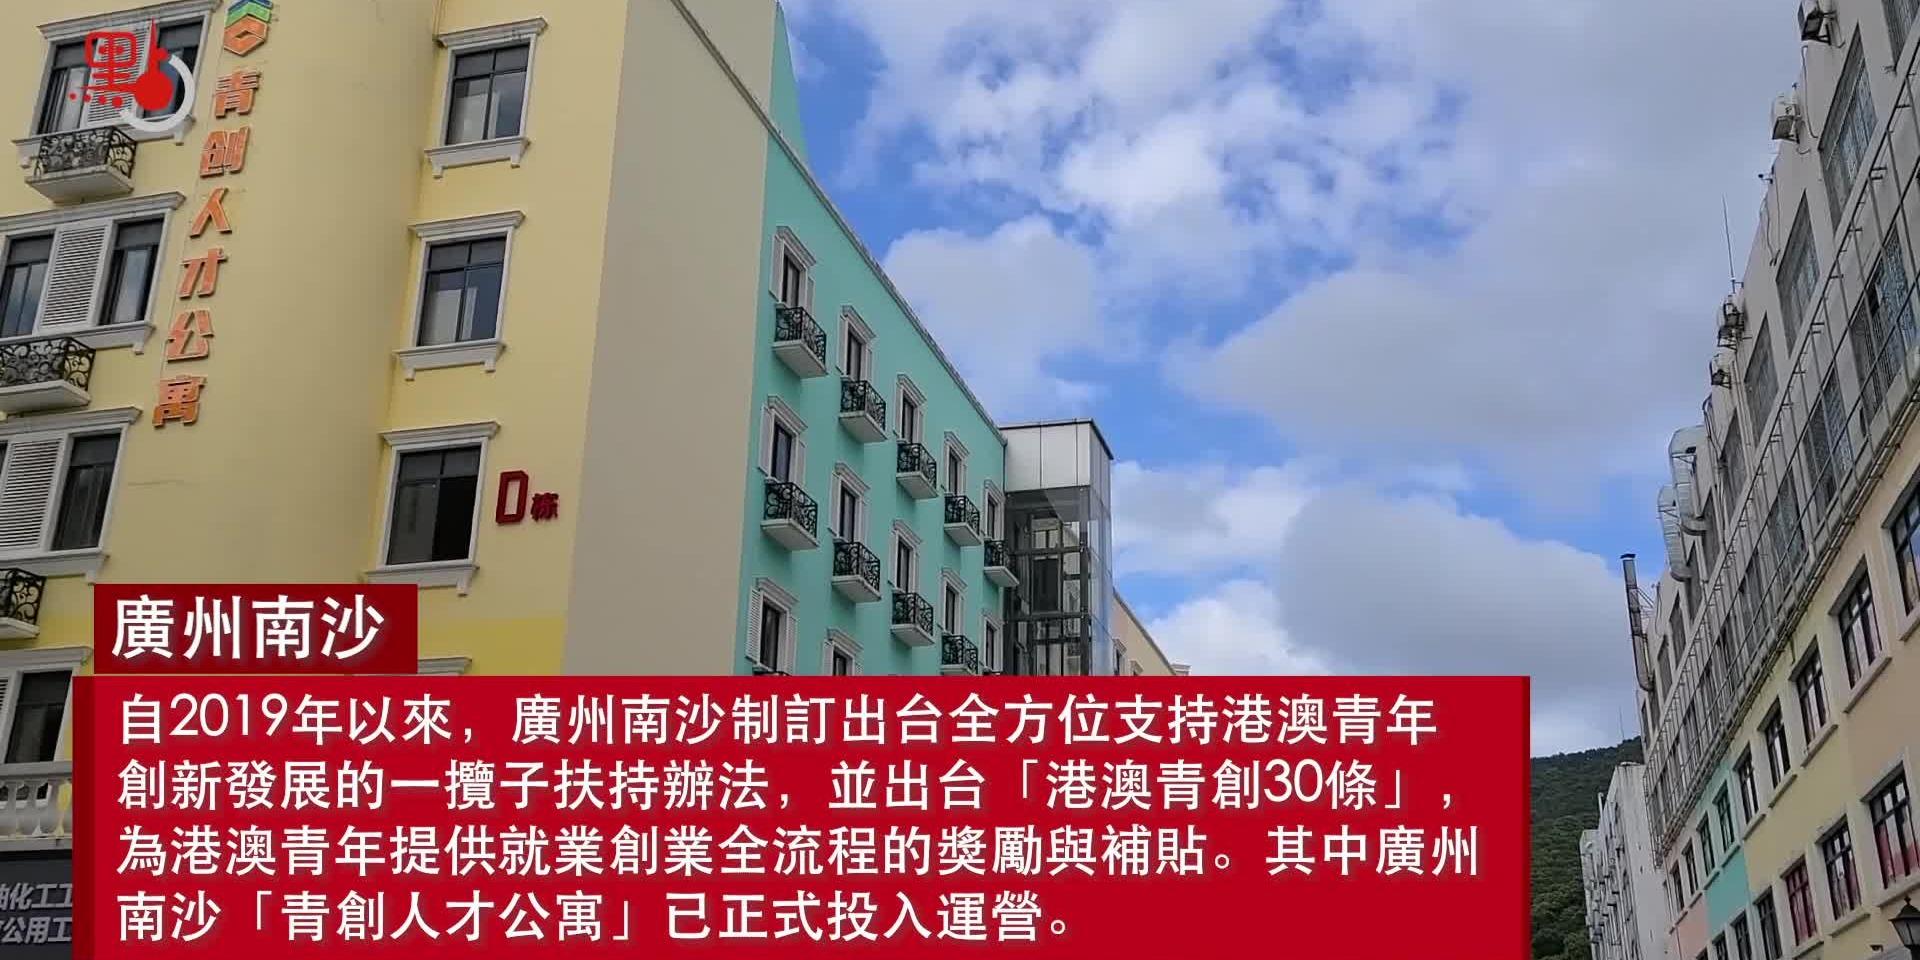 實拍 | 南沙月租約一千元的人才公寓什麼樣?